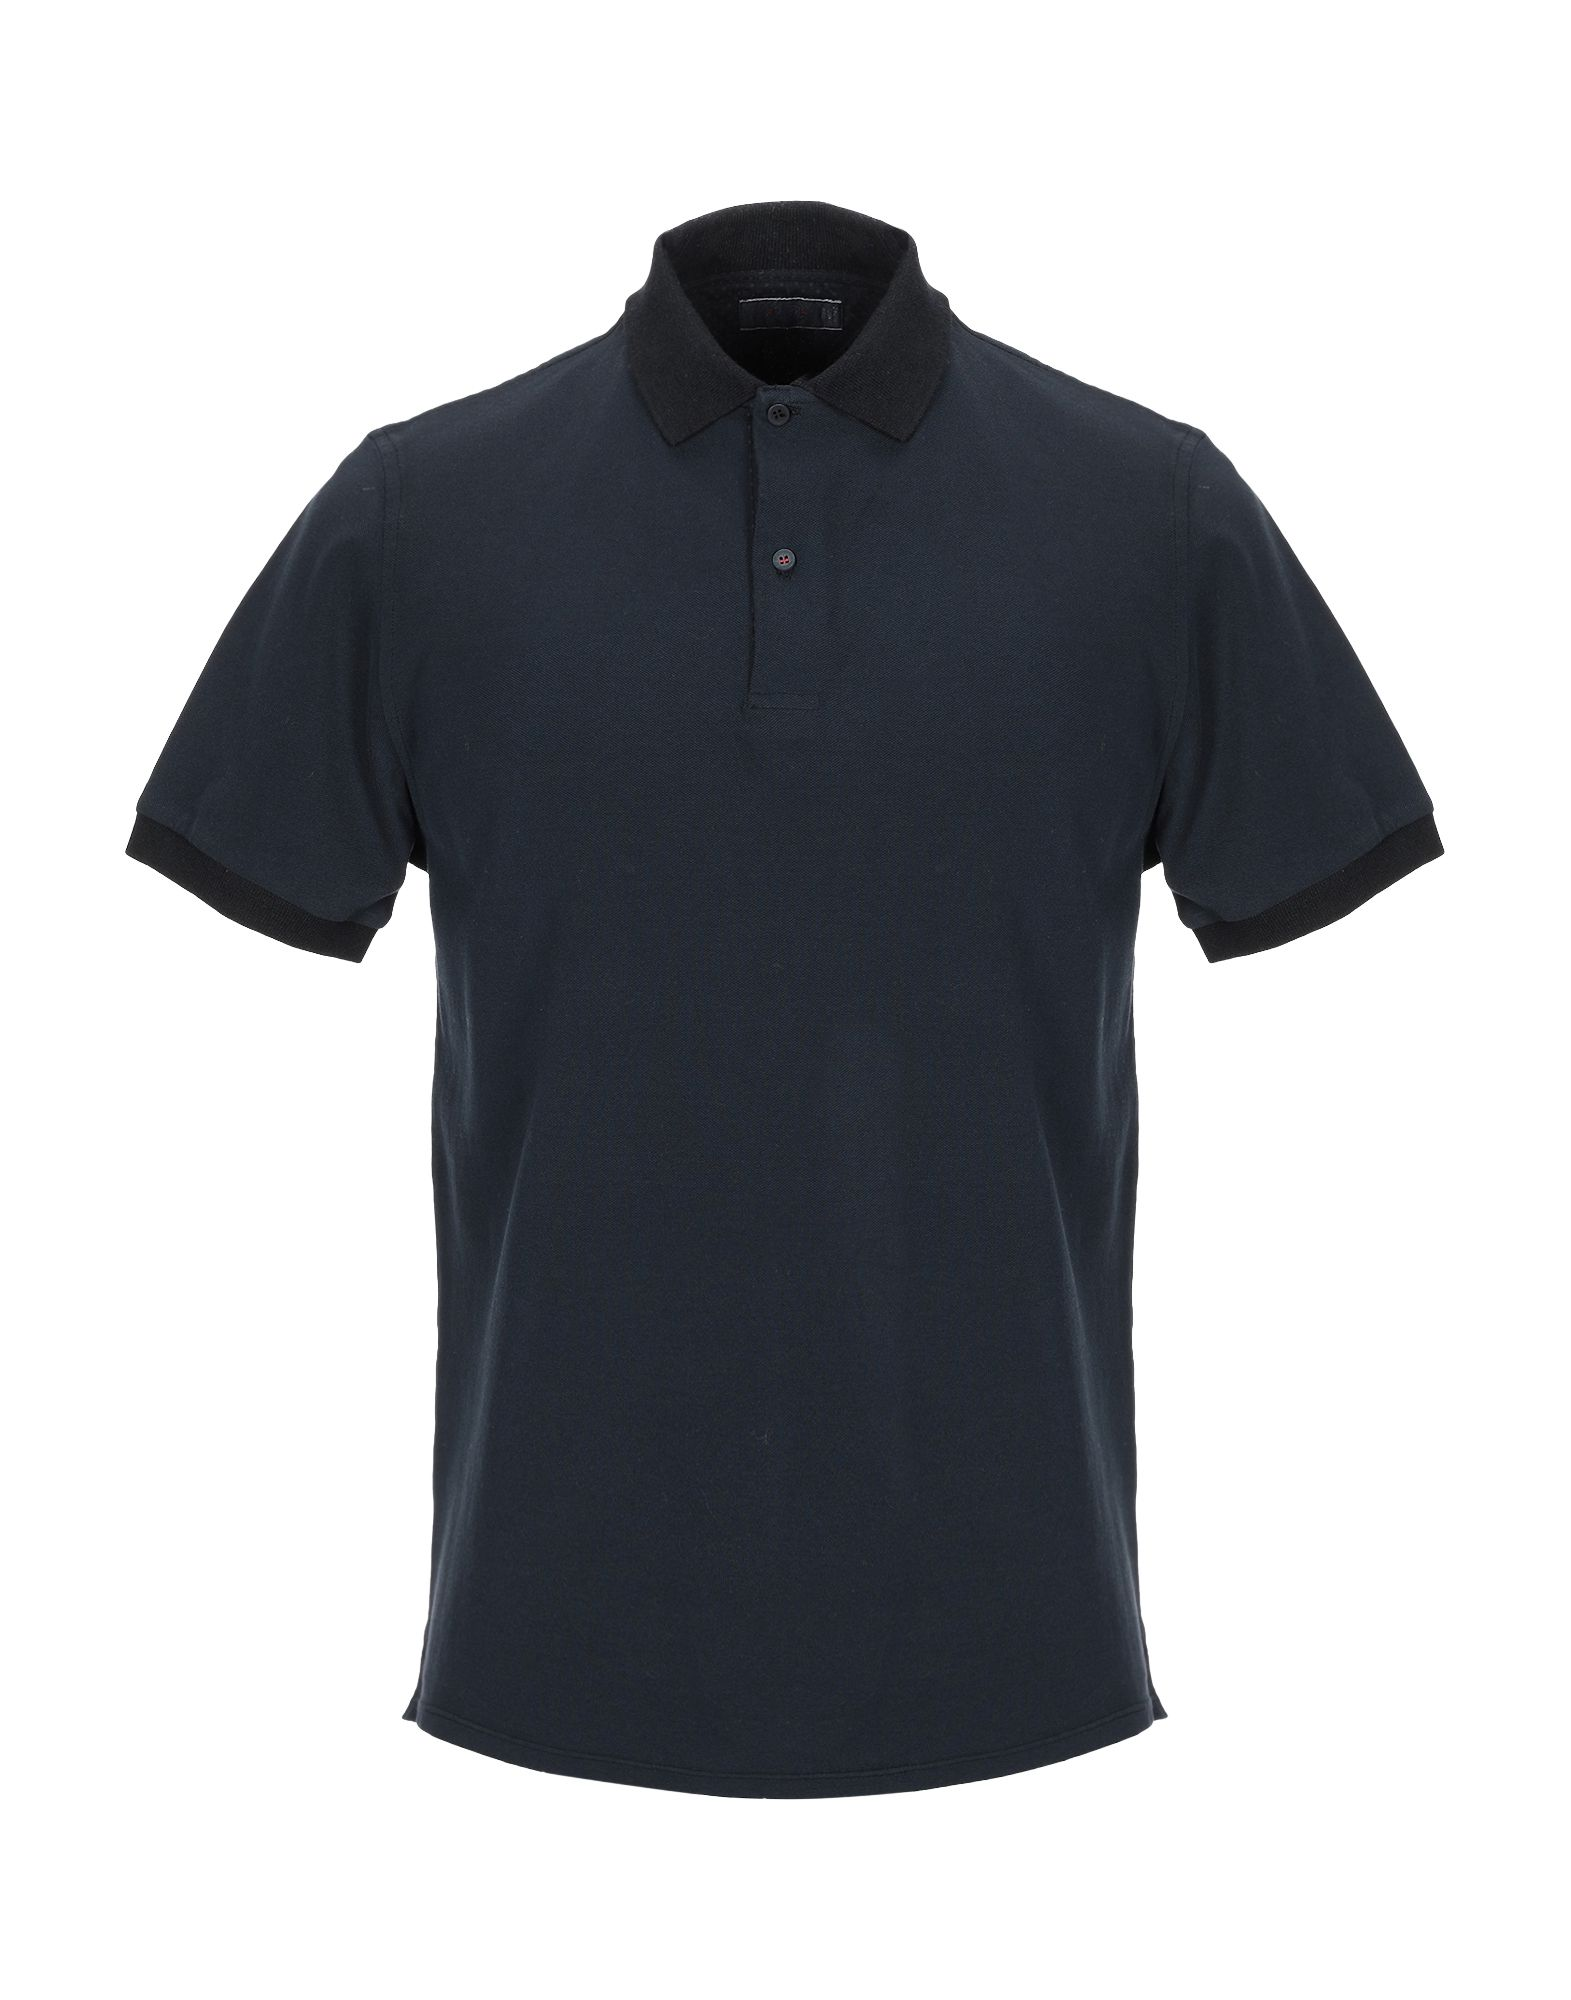 《セール開催中》FLY 3 メンズ ポロシャツ ダークブルー L コットン 100%